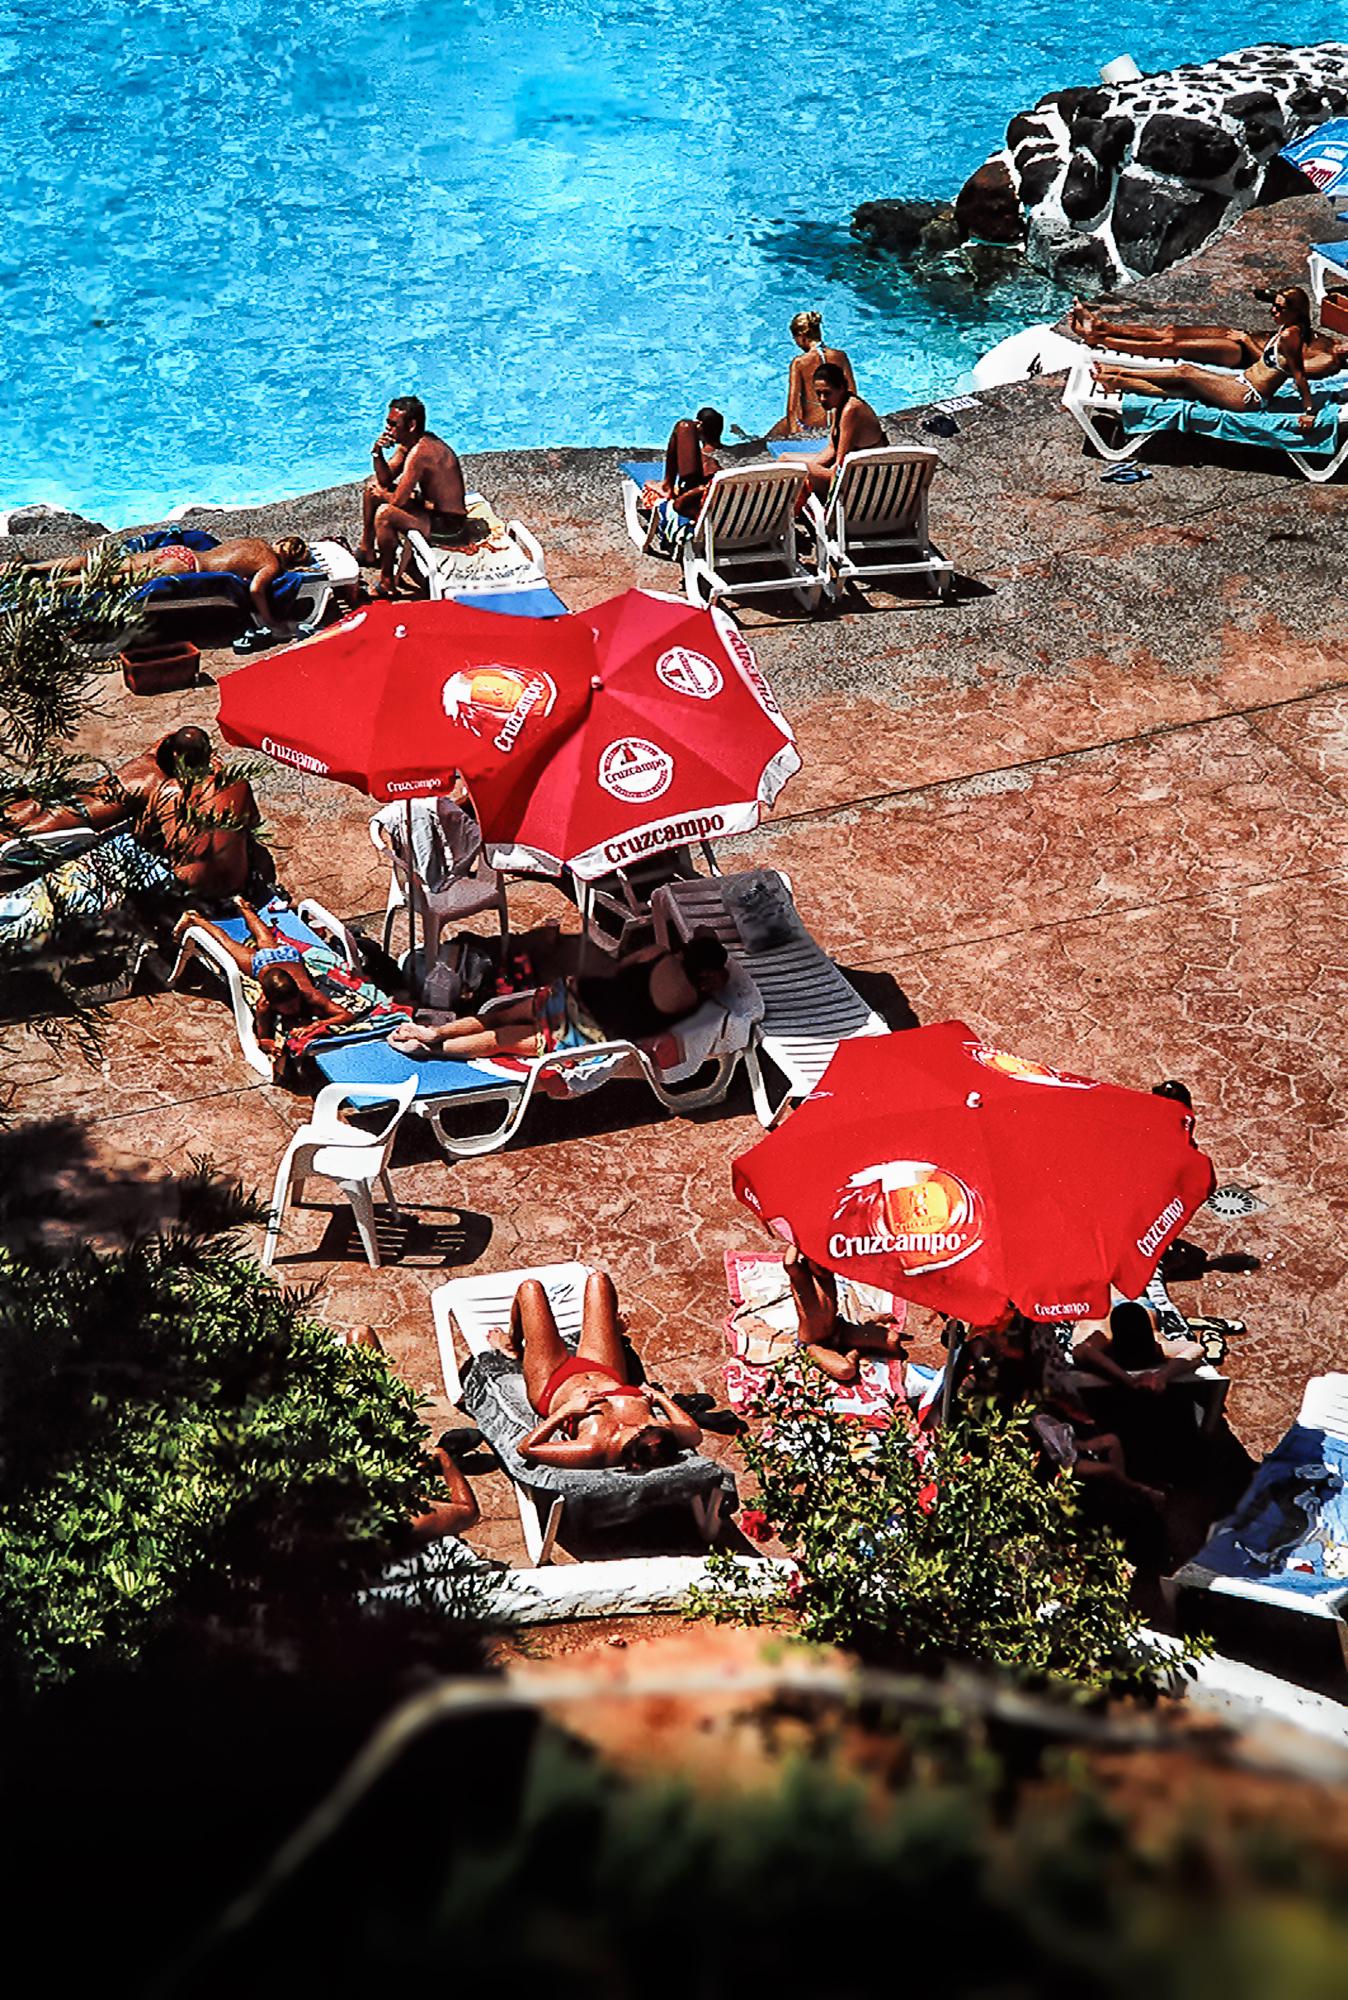 Magnolia Soto. Paraíso serie 5 - 1. 2002. Impresión fotográfica, 50 x 70 cm.